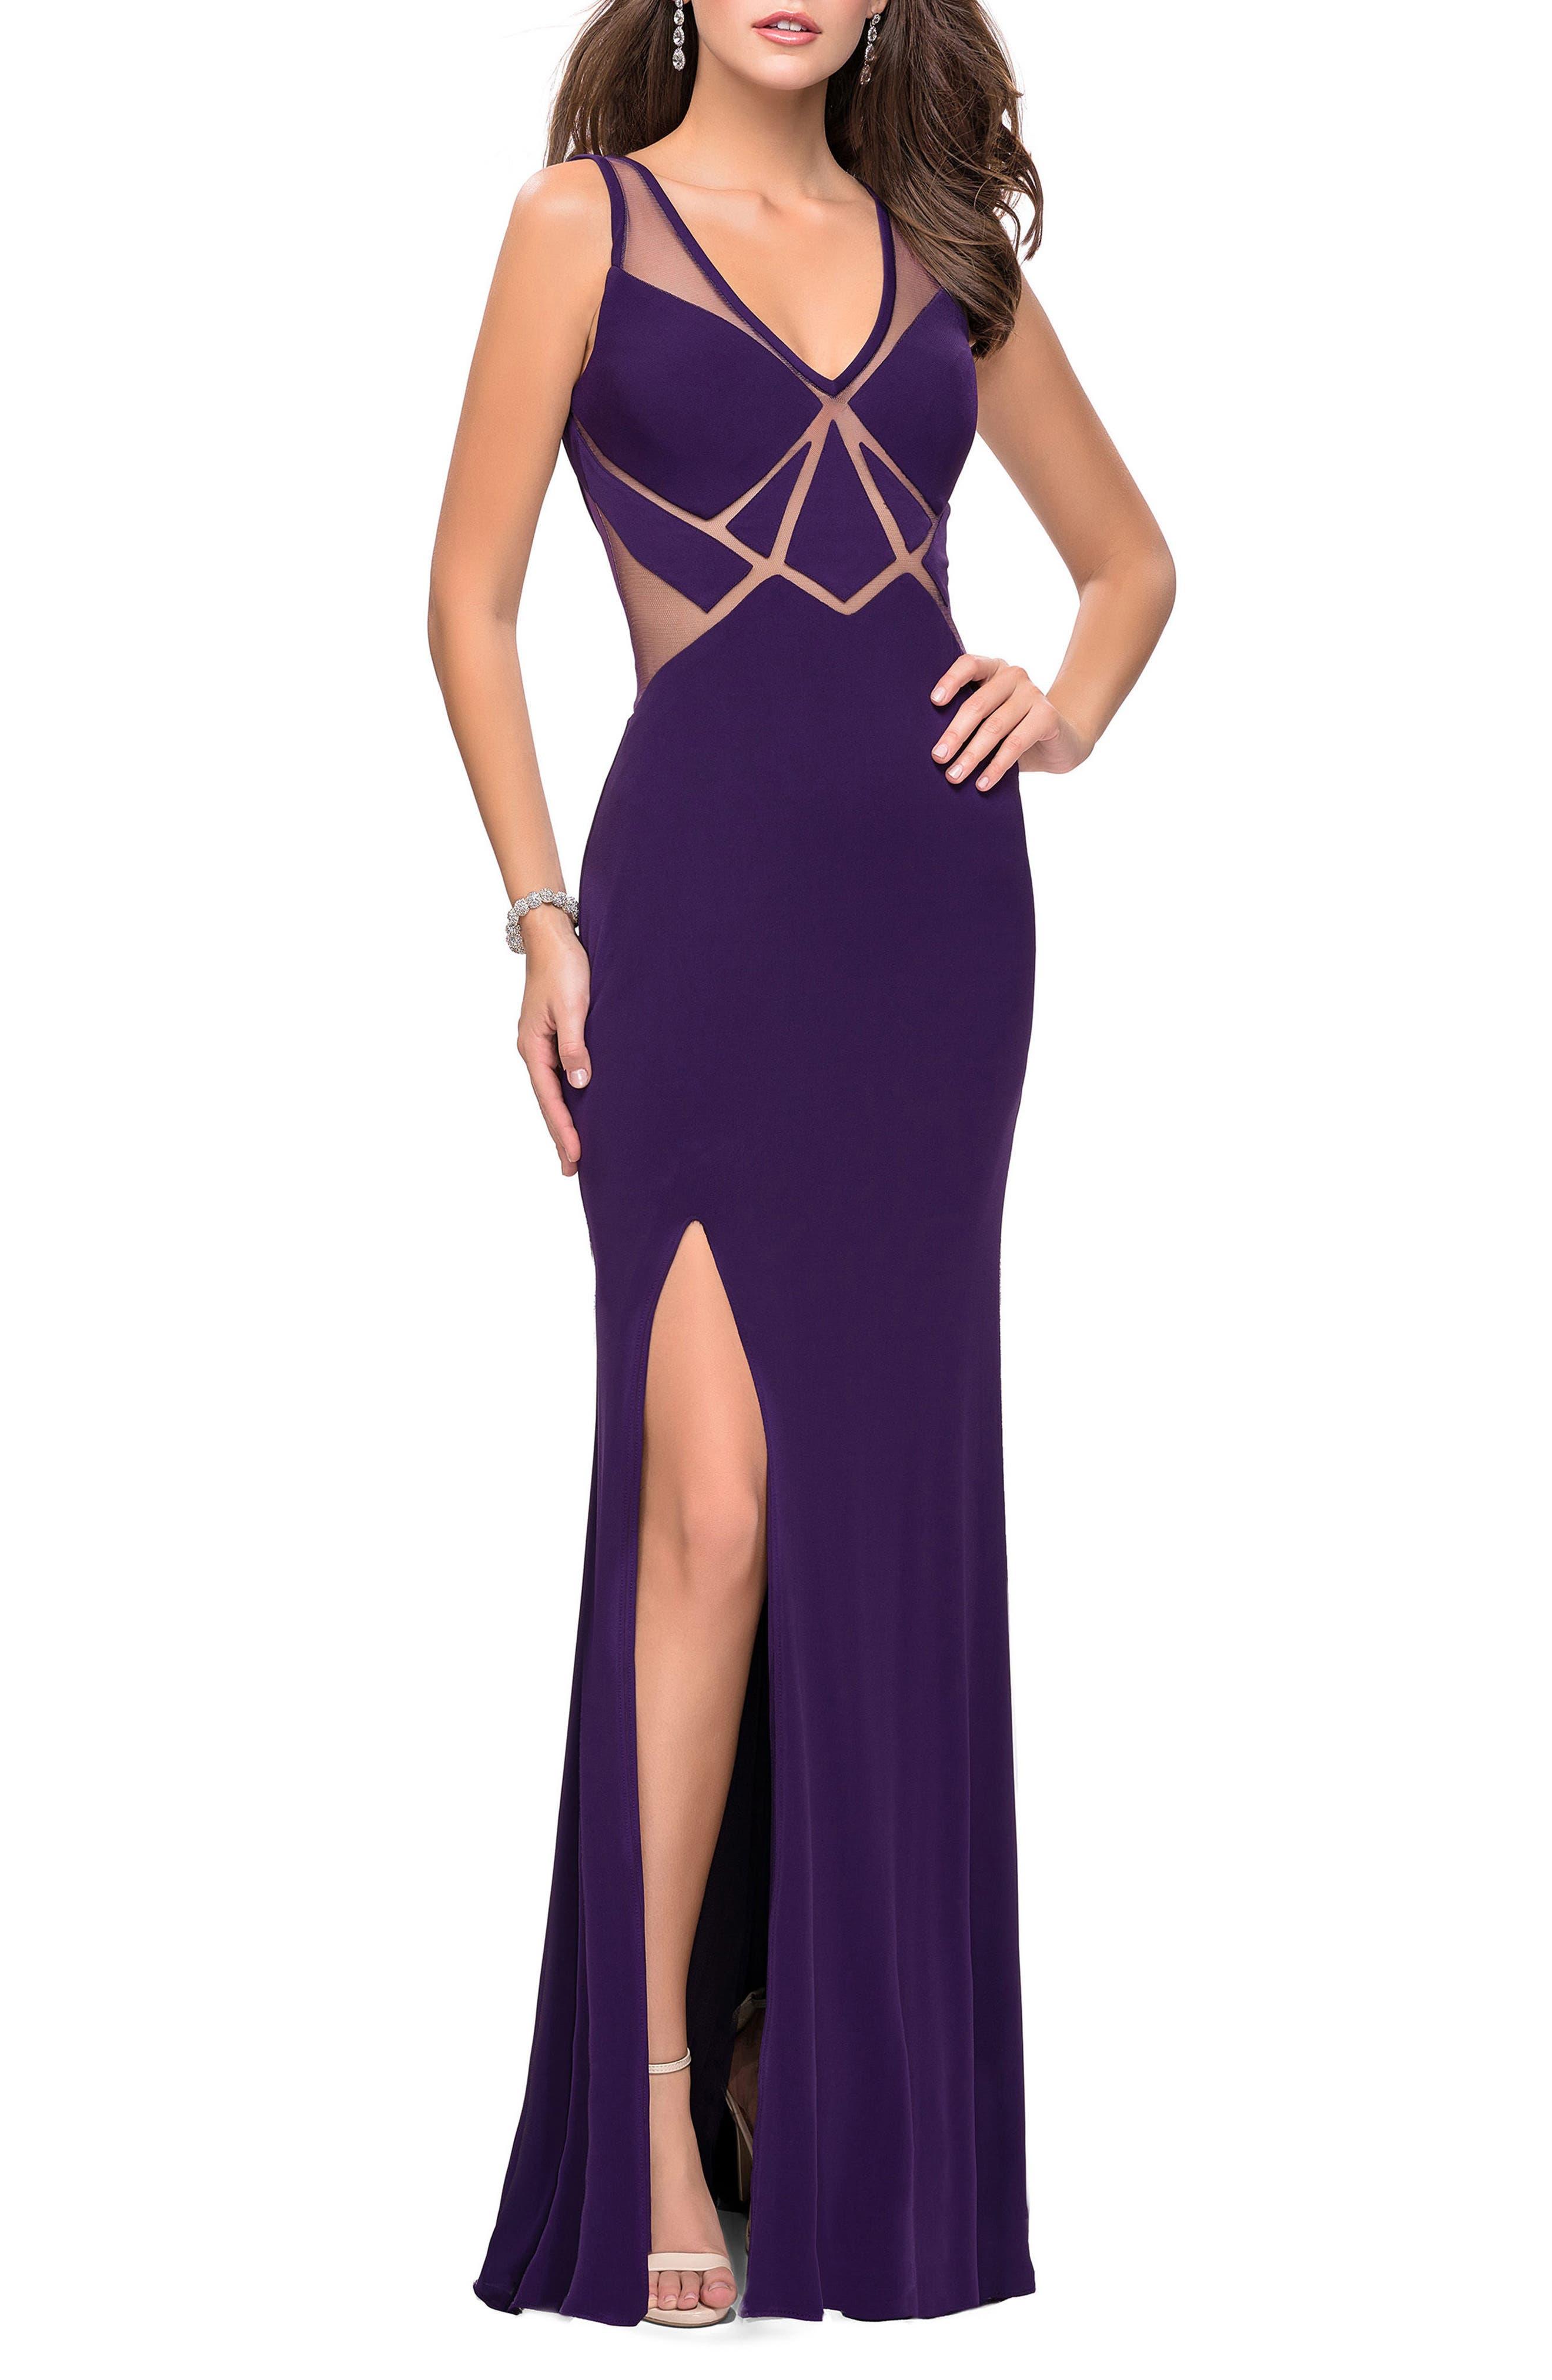 La Femme Geometric Cutout Jersey Gown